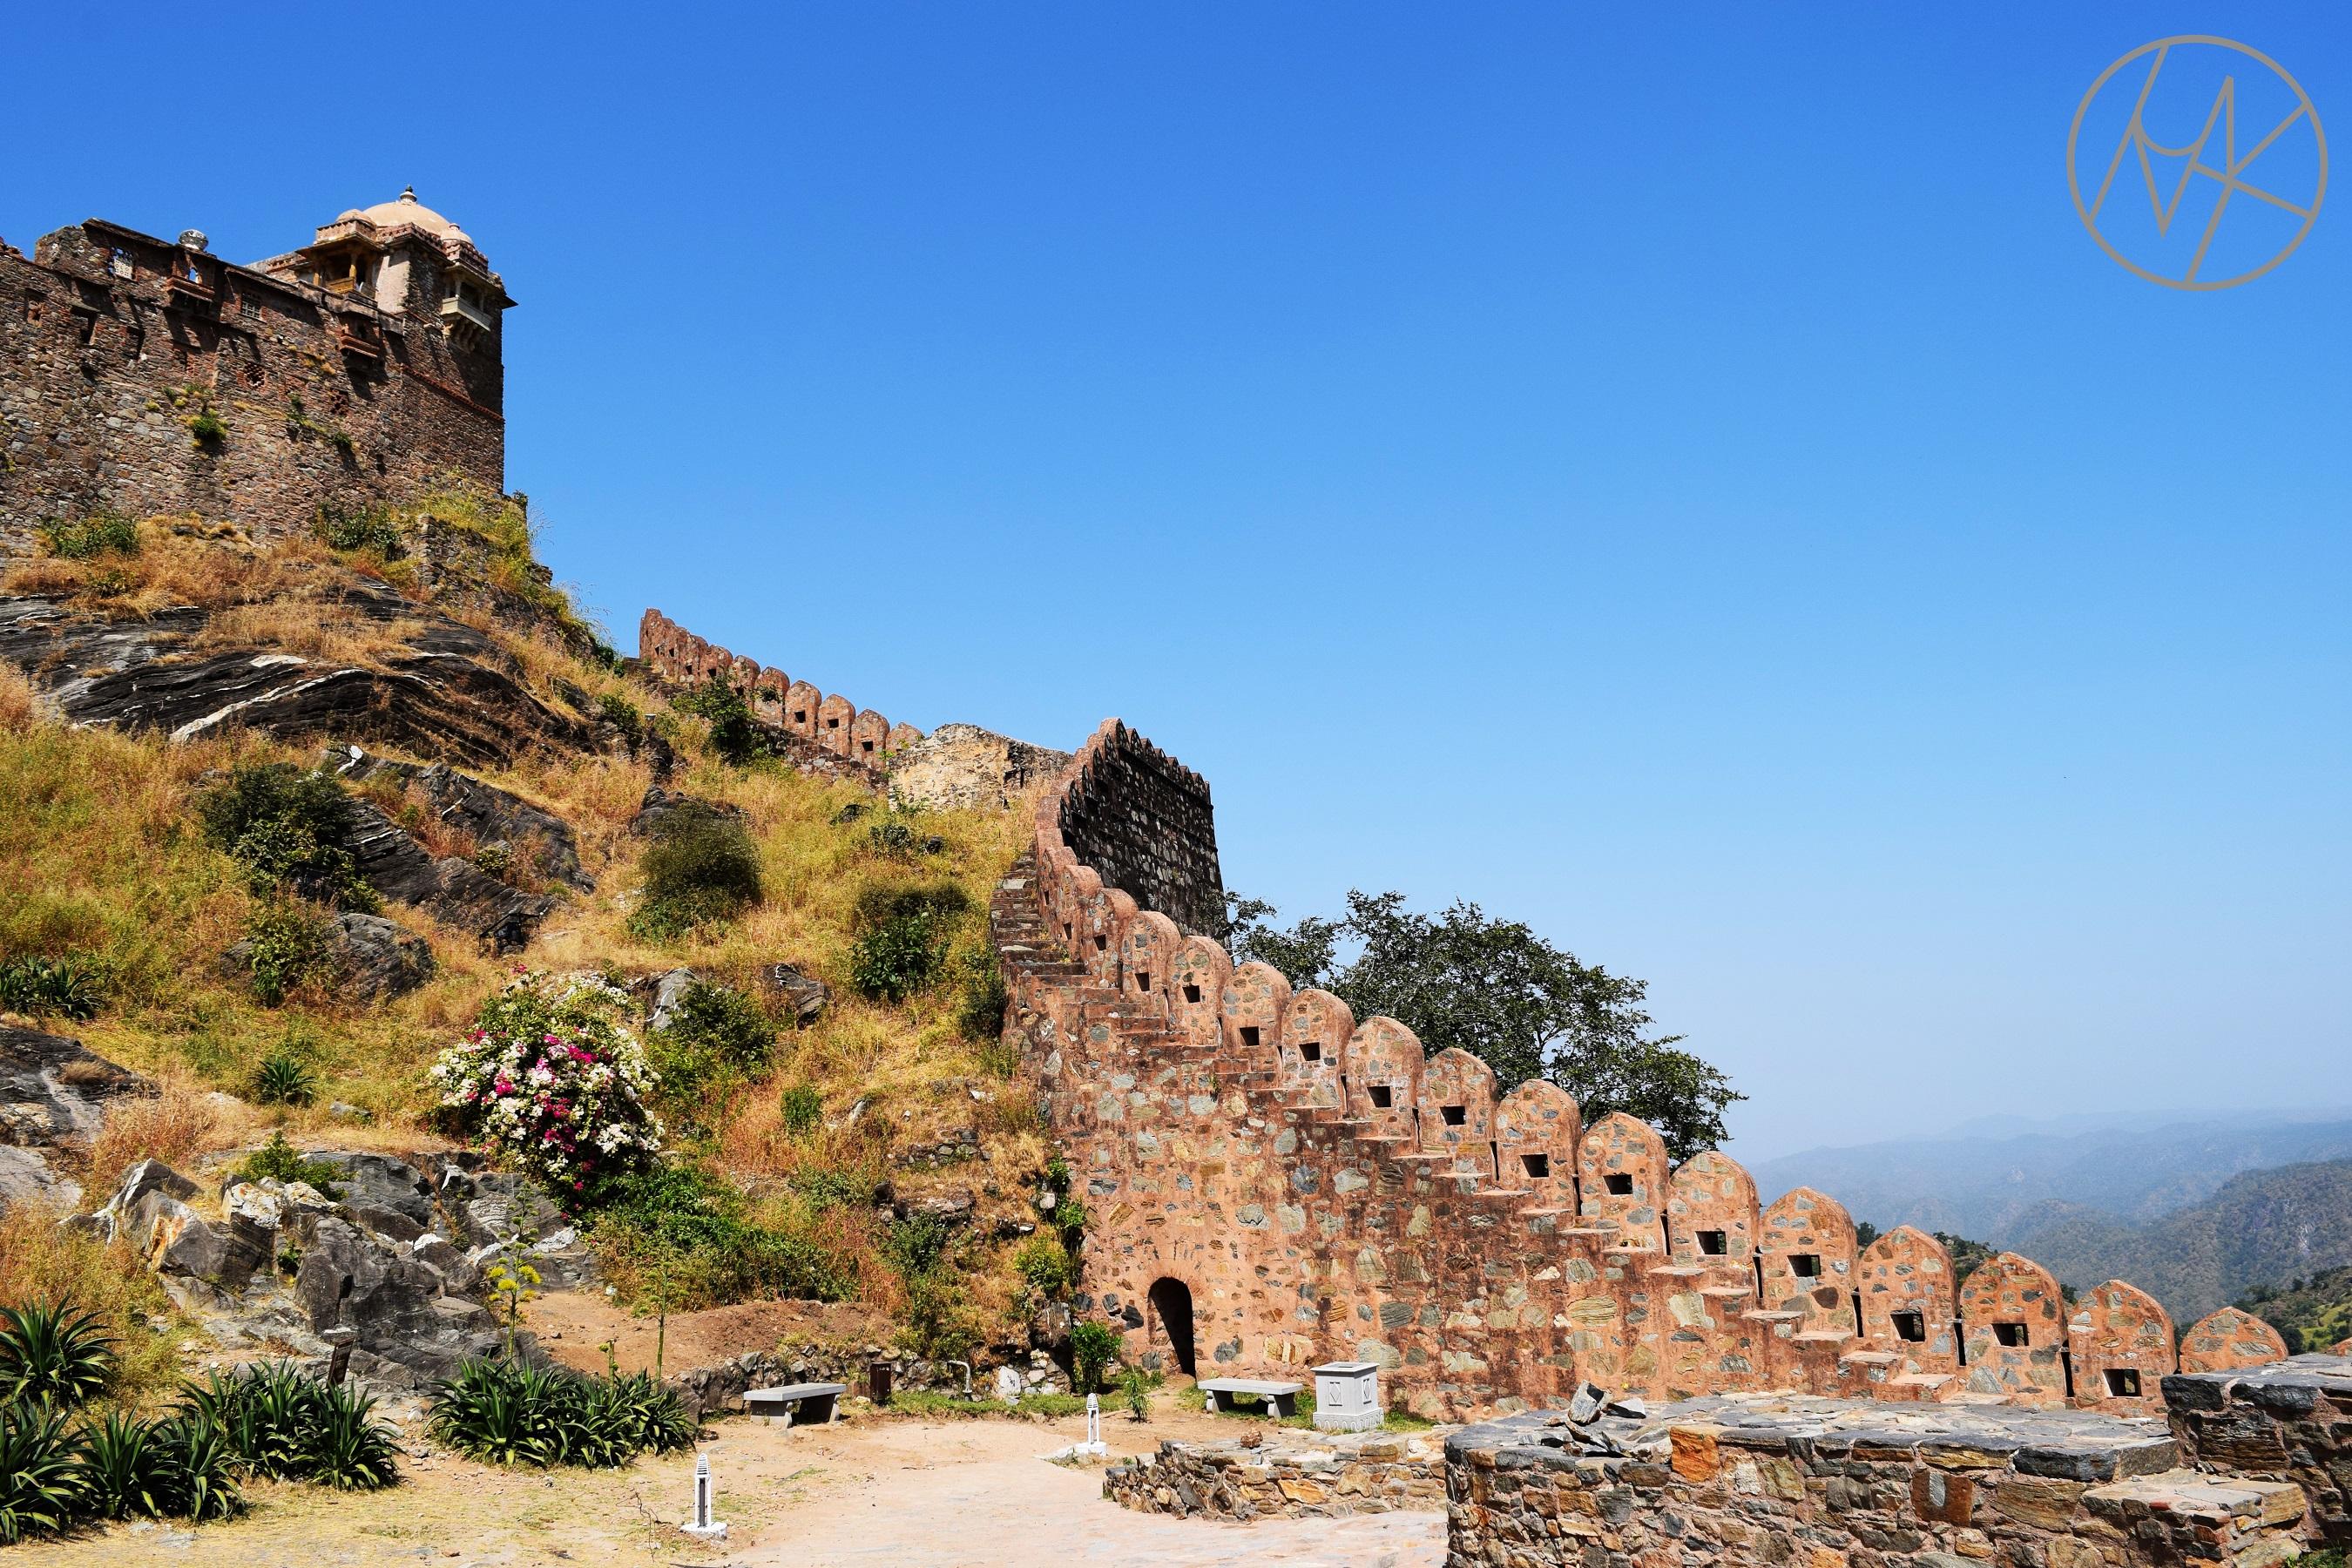 Szállások közelében St. Angelo's erőd, Kannur